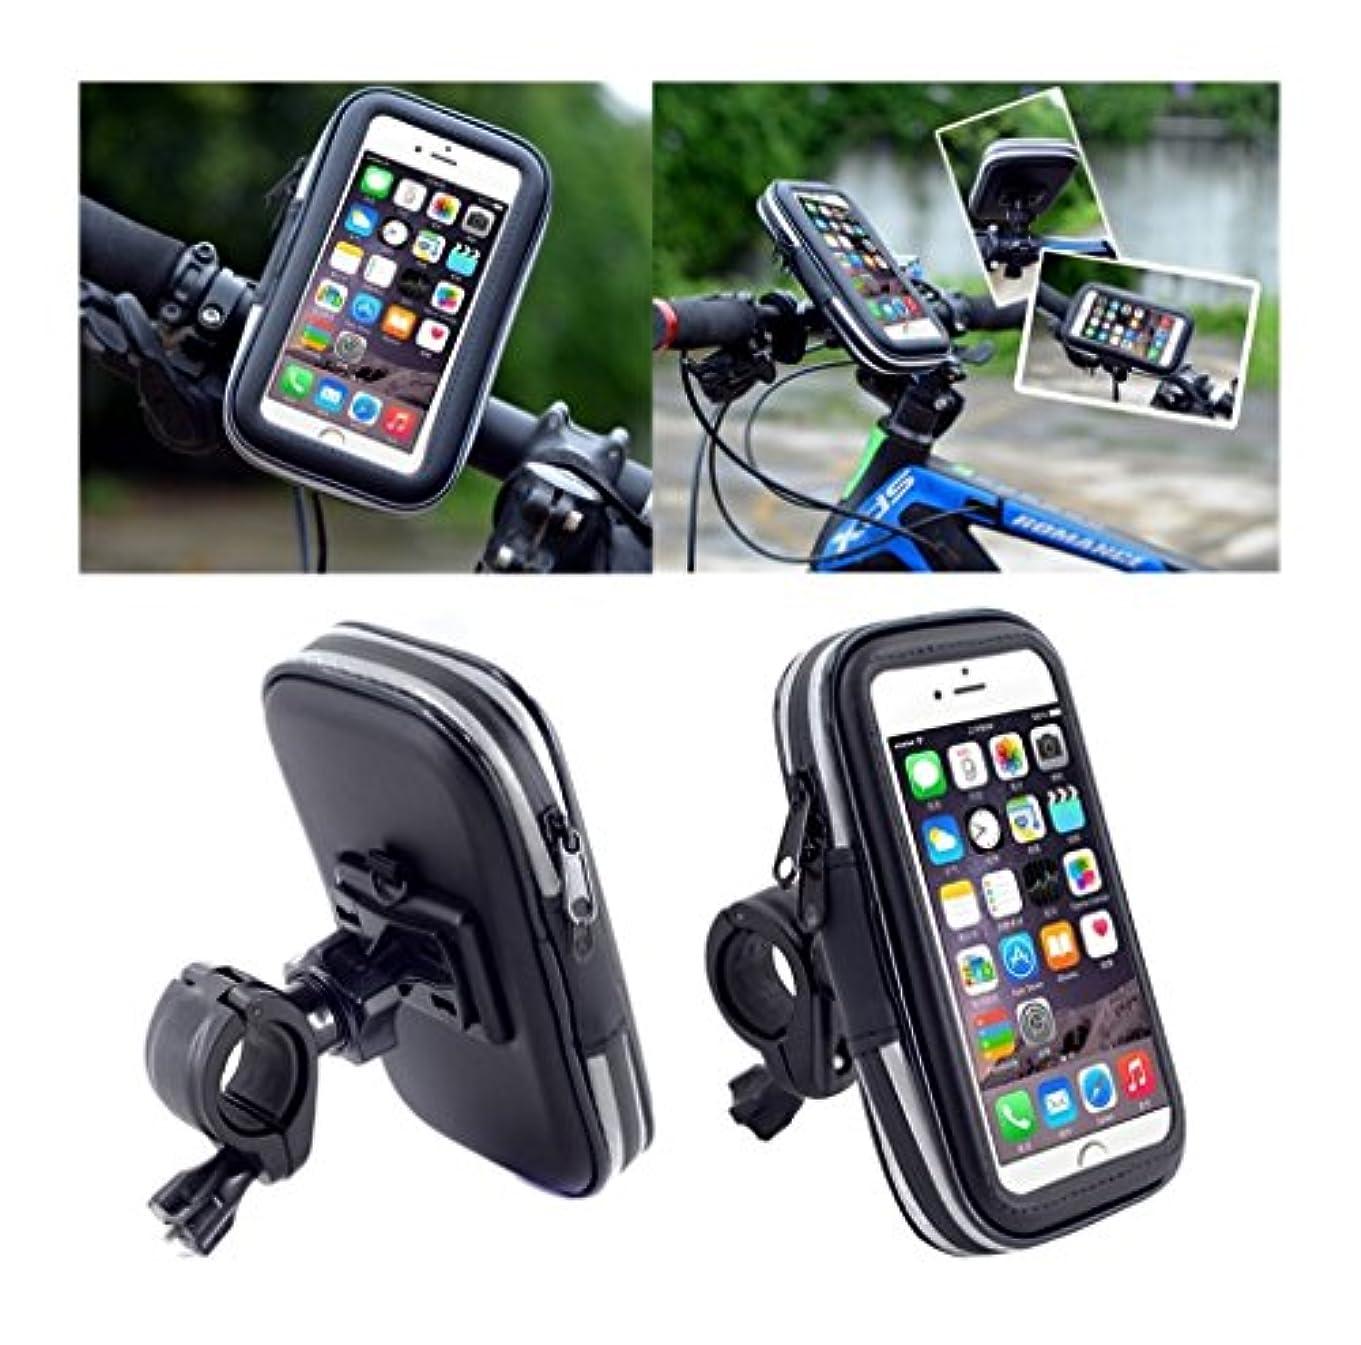 確保する視線冊子DFV mobile - Professional Reflective Support for Bicycle Handlebar and Rotatable Waterproof Motorcycle 360 ? for => CHERRY MOBILE ANDROID ONE G1 > Black